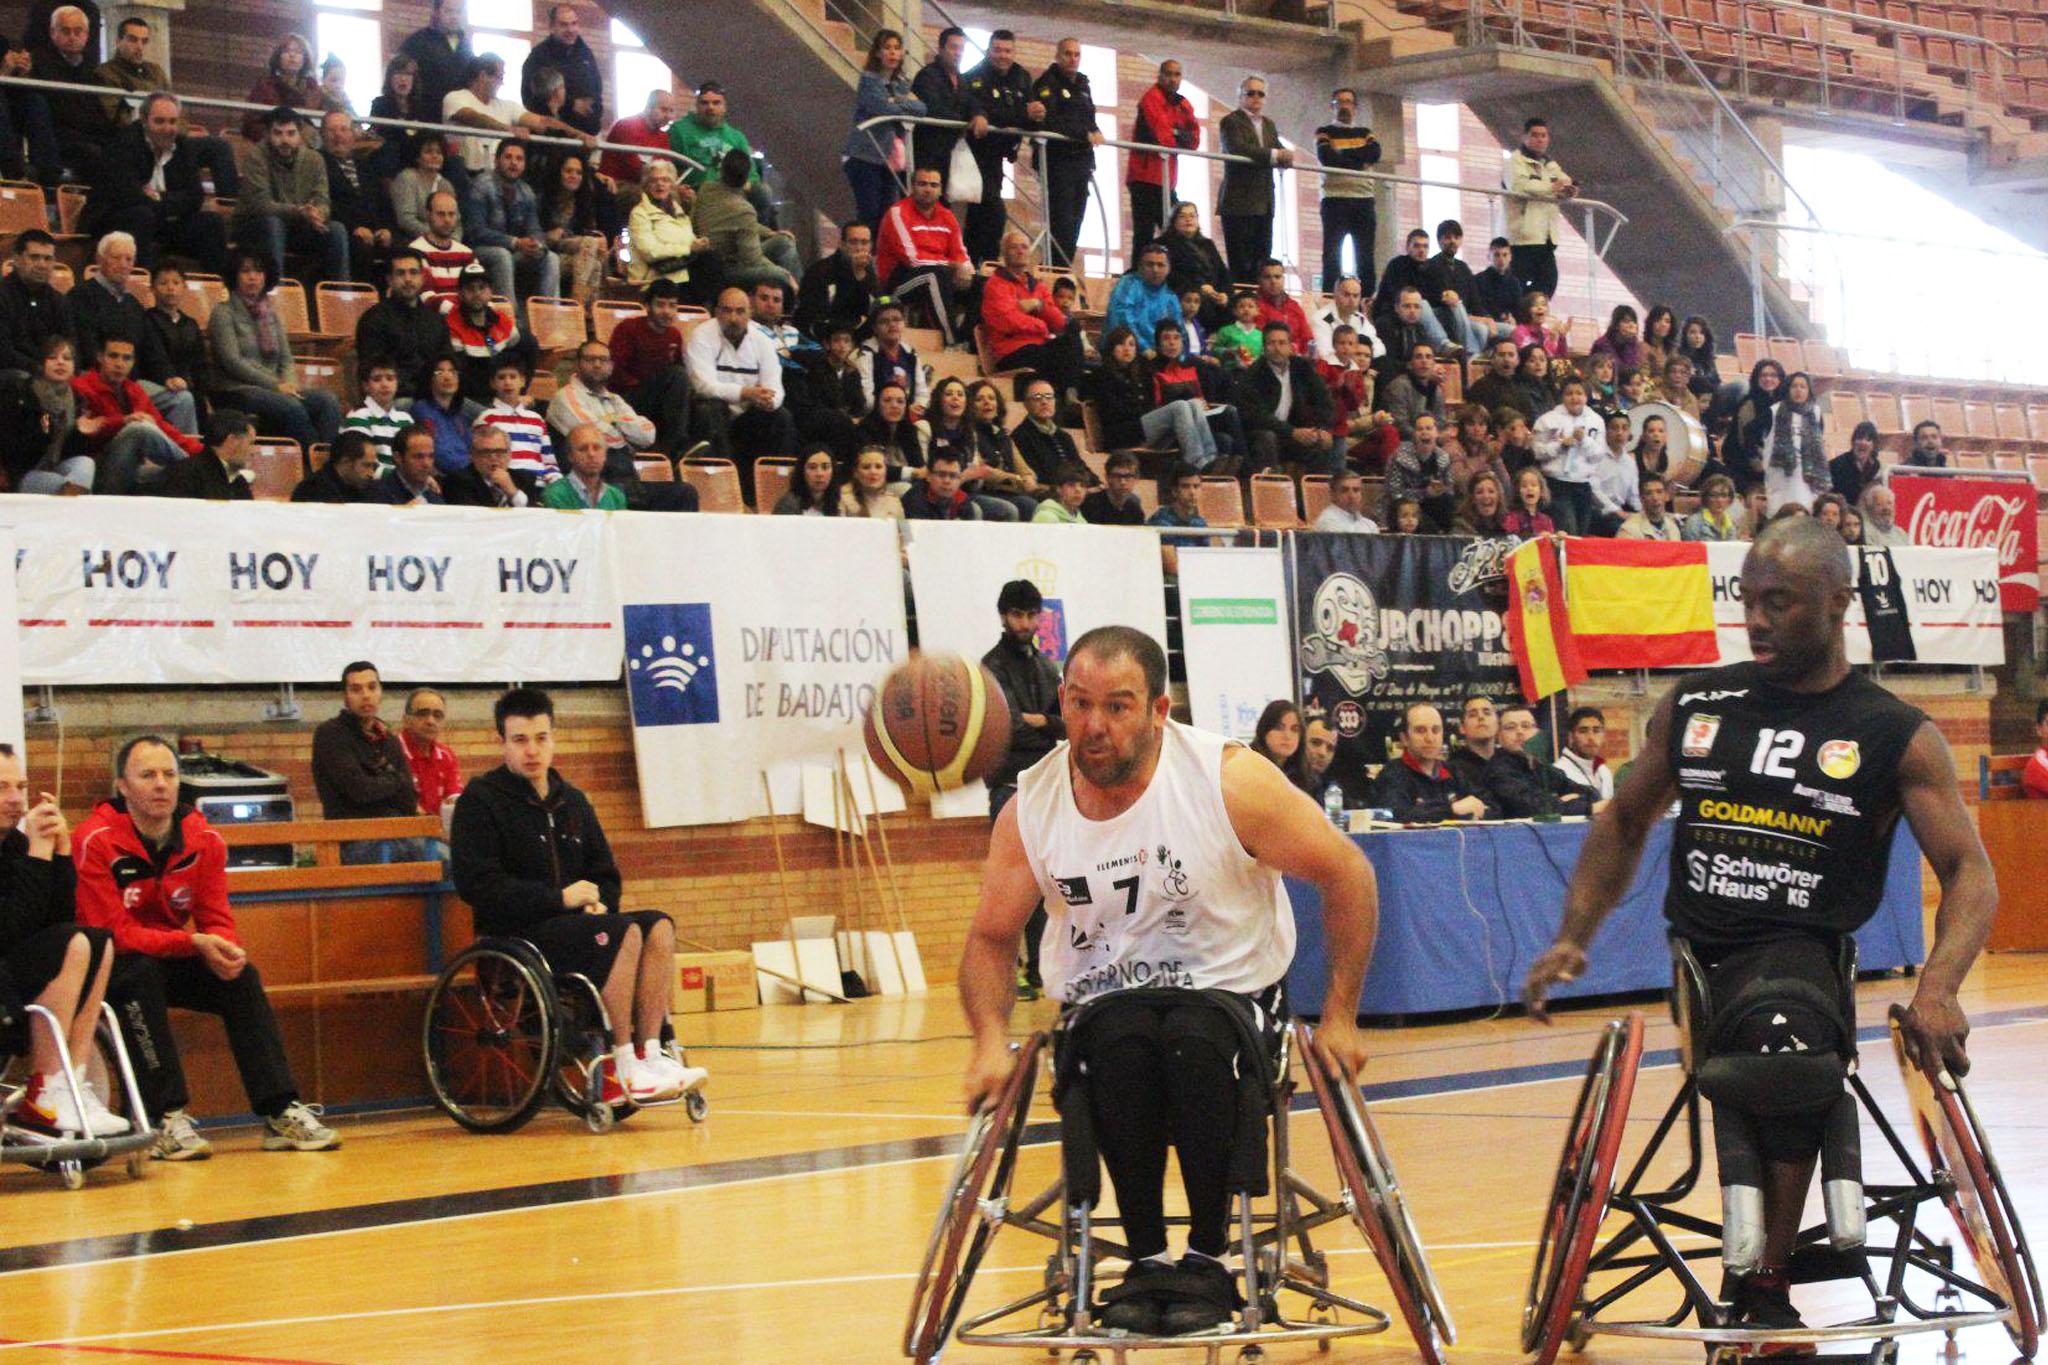 De El Nuevo Cup Organizará Extremadura Mideba Europea Challenge La rxCedoB